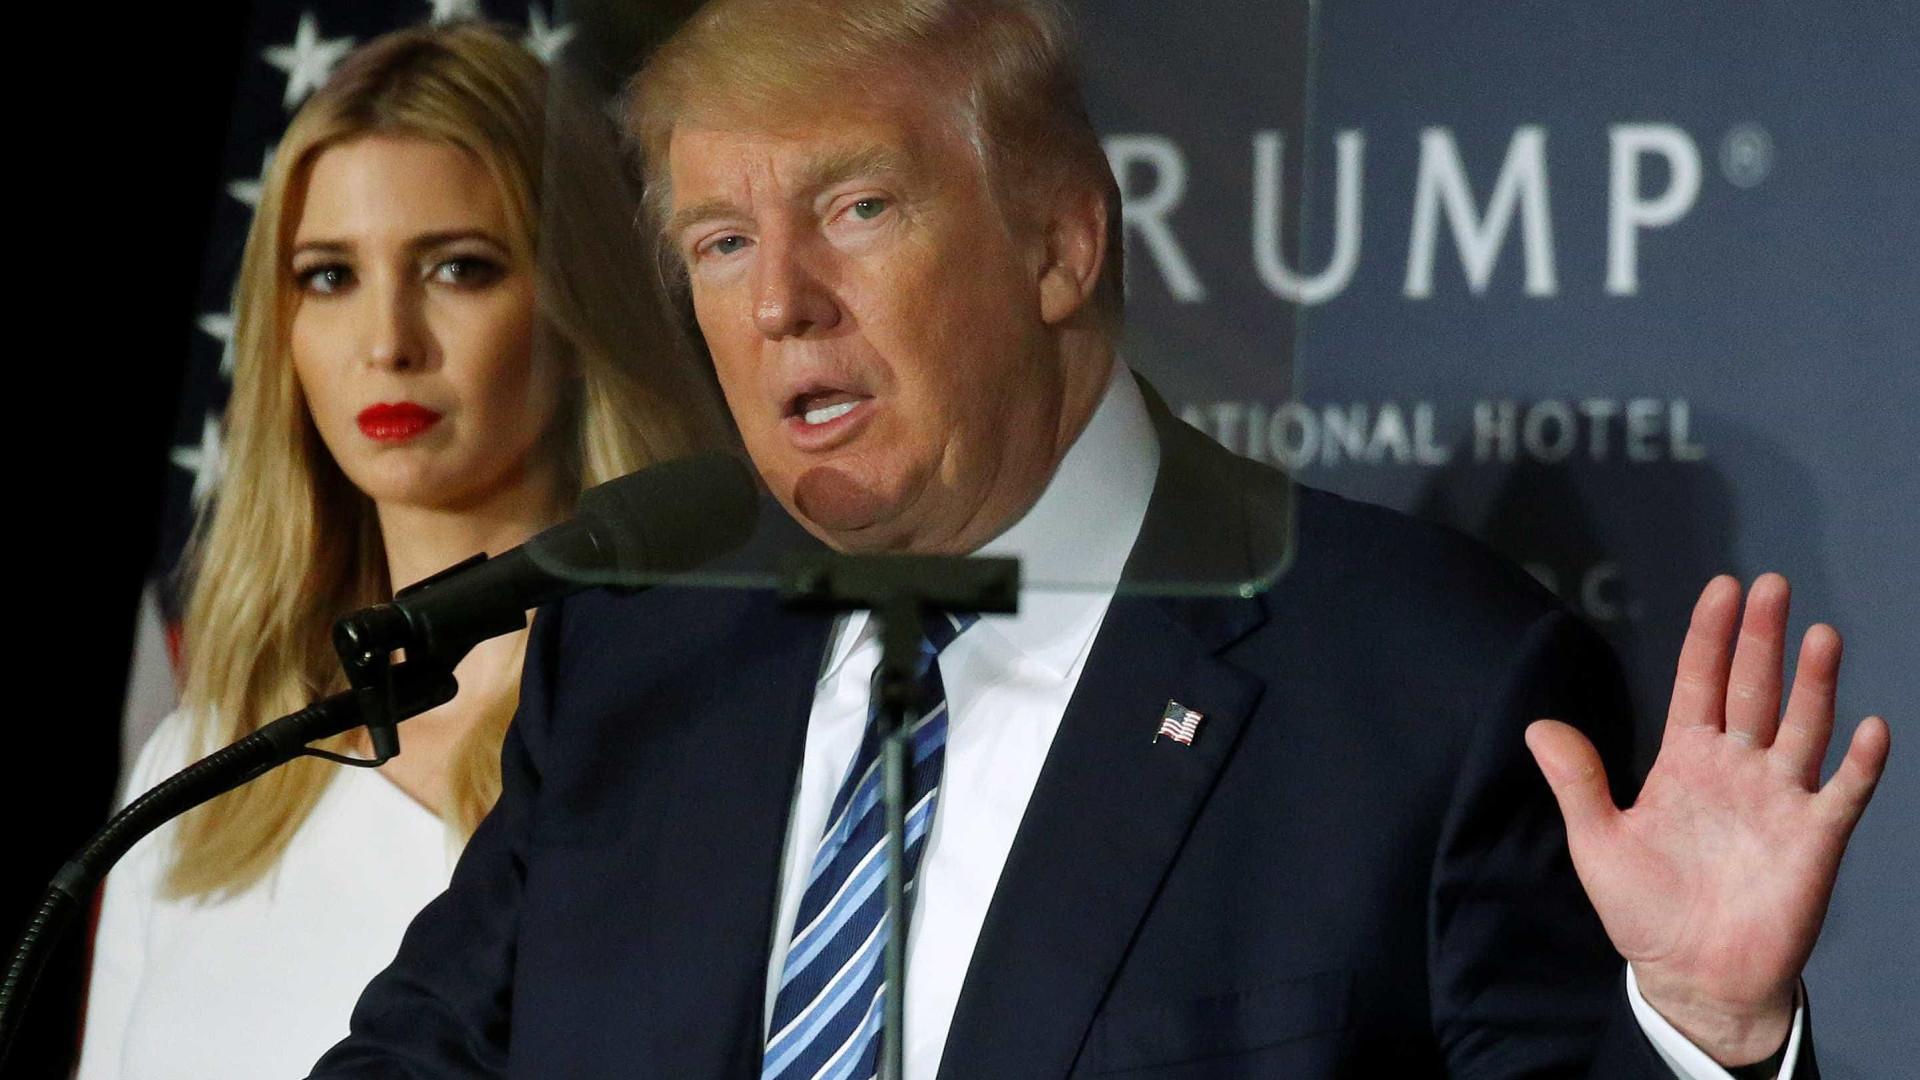 Até que ocorra um acordo, tarifaremos bastante a China, diz Trump